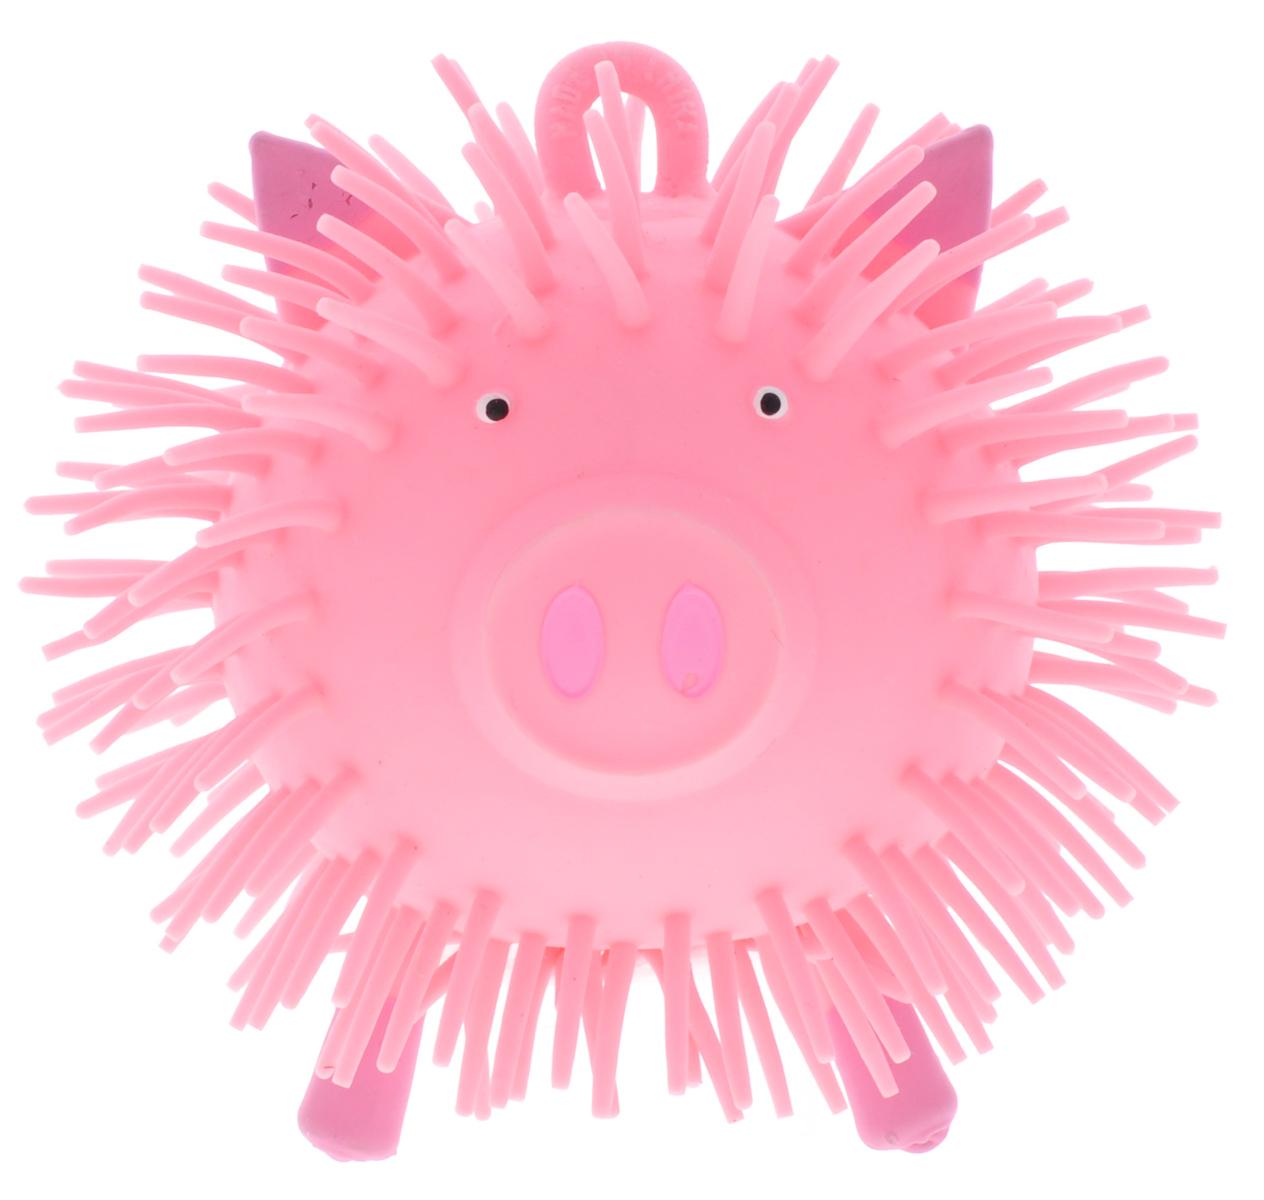 1TOY Игрушка-антистресс Ё-Ёжик Животное цвет розовый 1toy игрушка антистресс ё ёжик животное цвет розовый